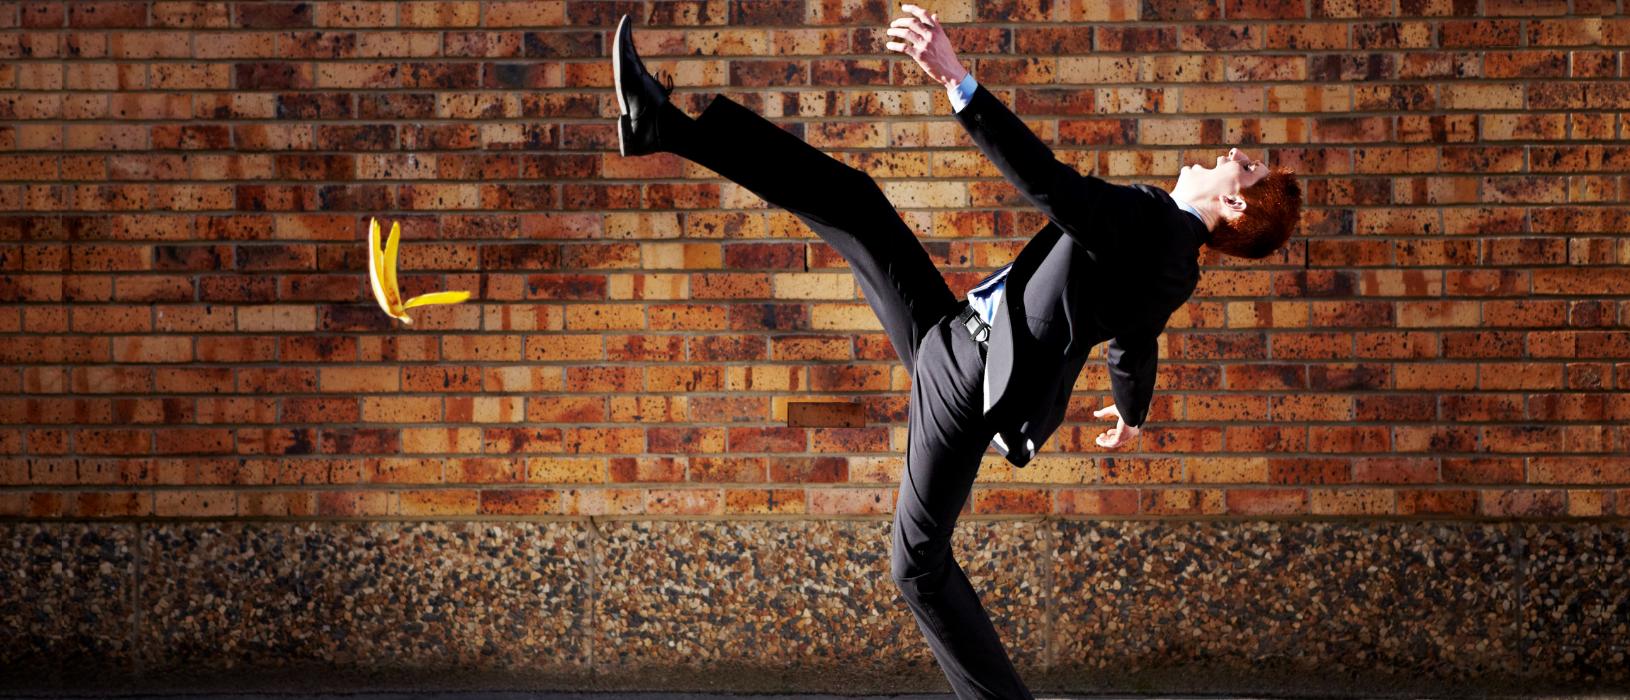 Wenn ein Schuss daneben geht: So mancher Marketing-Gag gerät zum Eigentor. Davor sind auch Profis nicht gefeit. Bild: iStock.com/PeopleImages